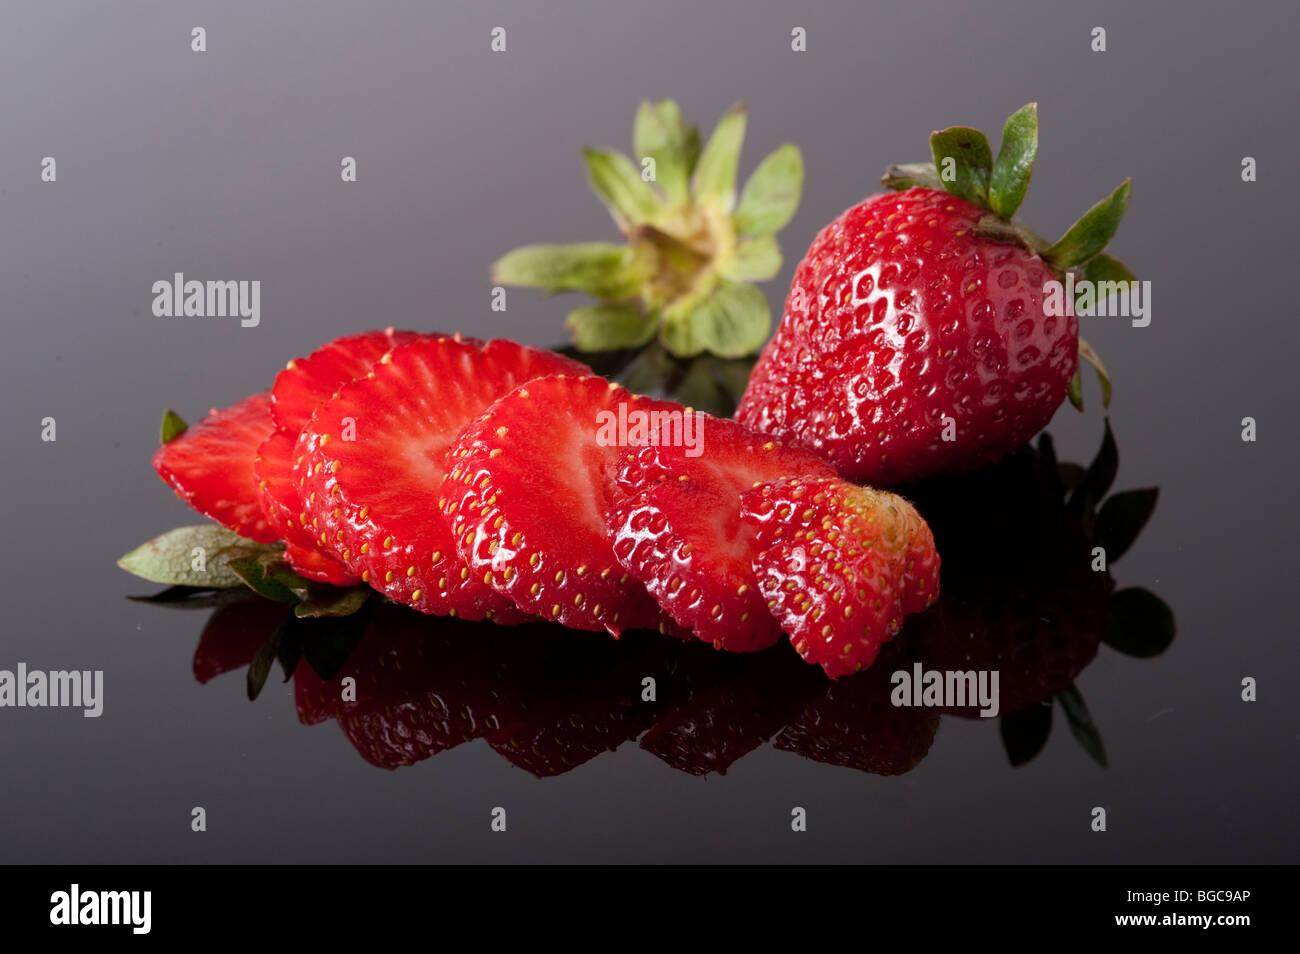 Studio de photographie alimentaire fraise coups différents mis en place Photo Stock